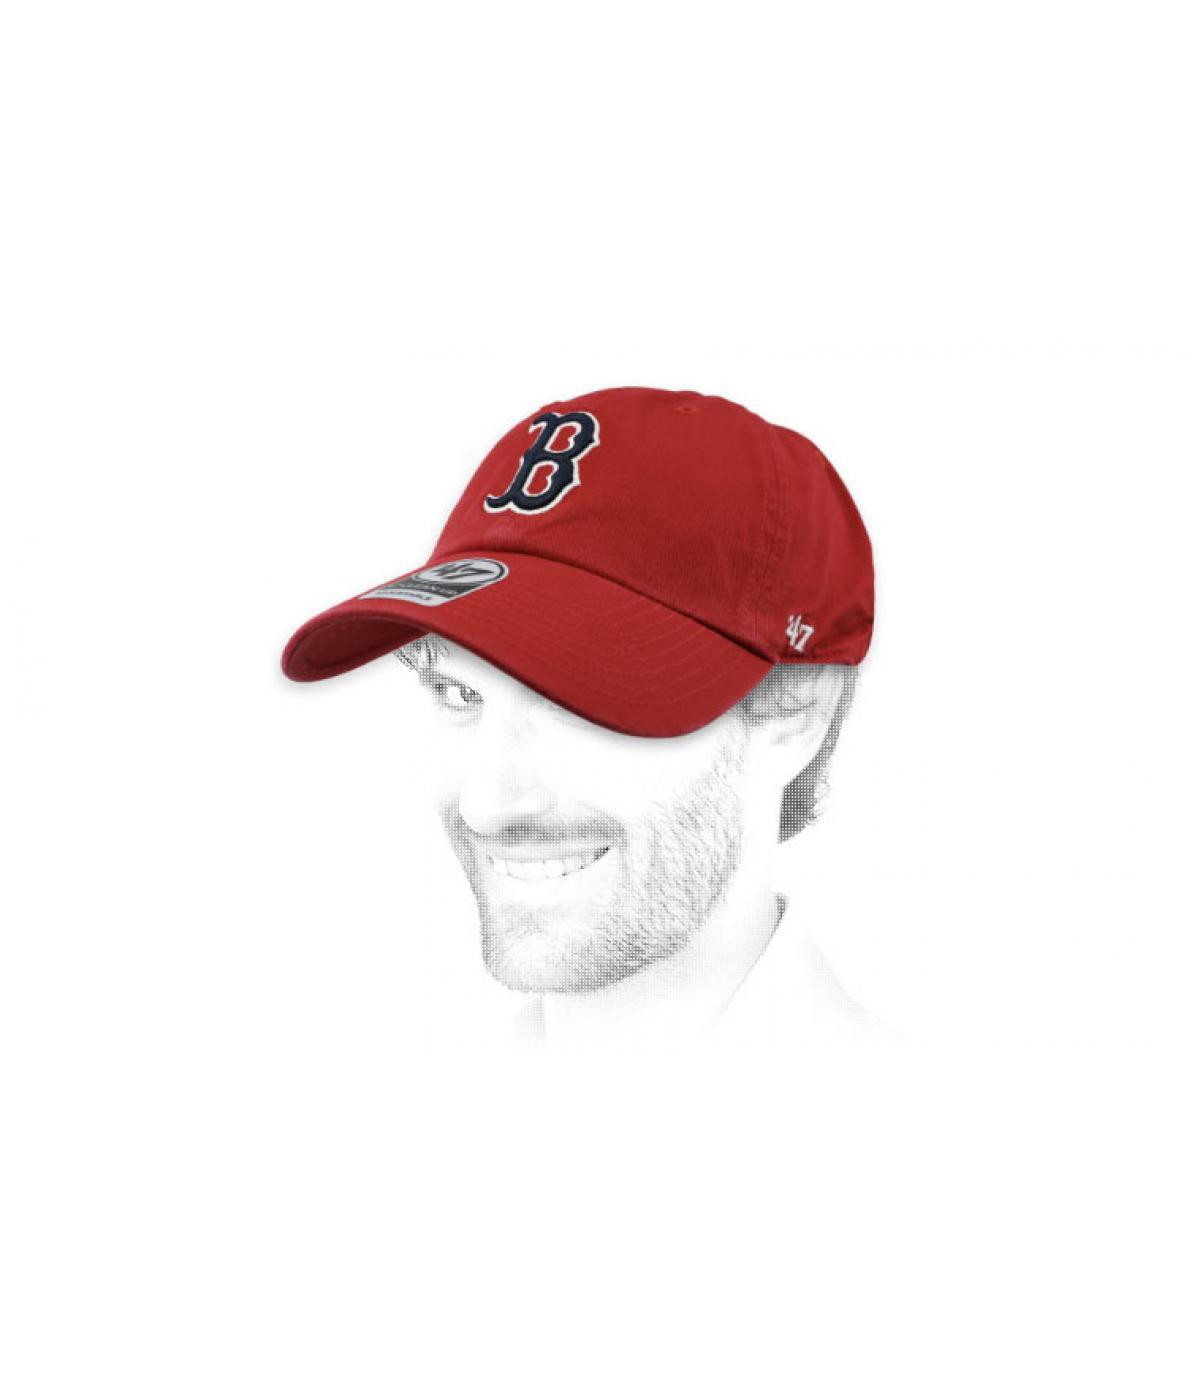 cappuccio curva Boston rosso